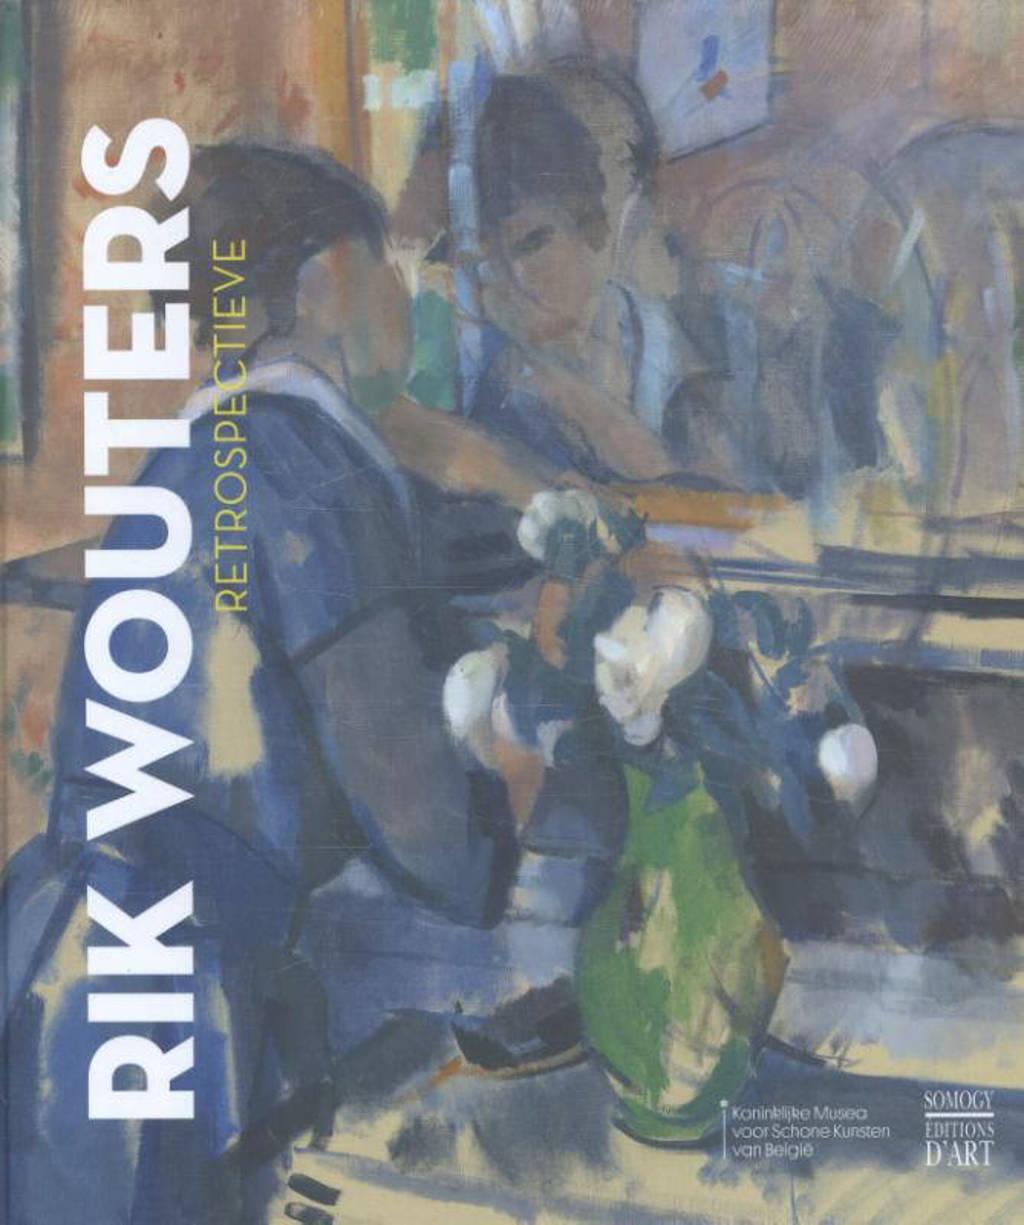 Rik Wouters - Laurent Germeau